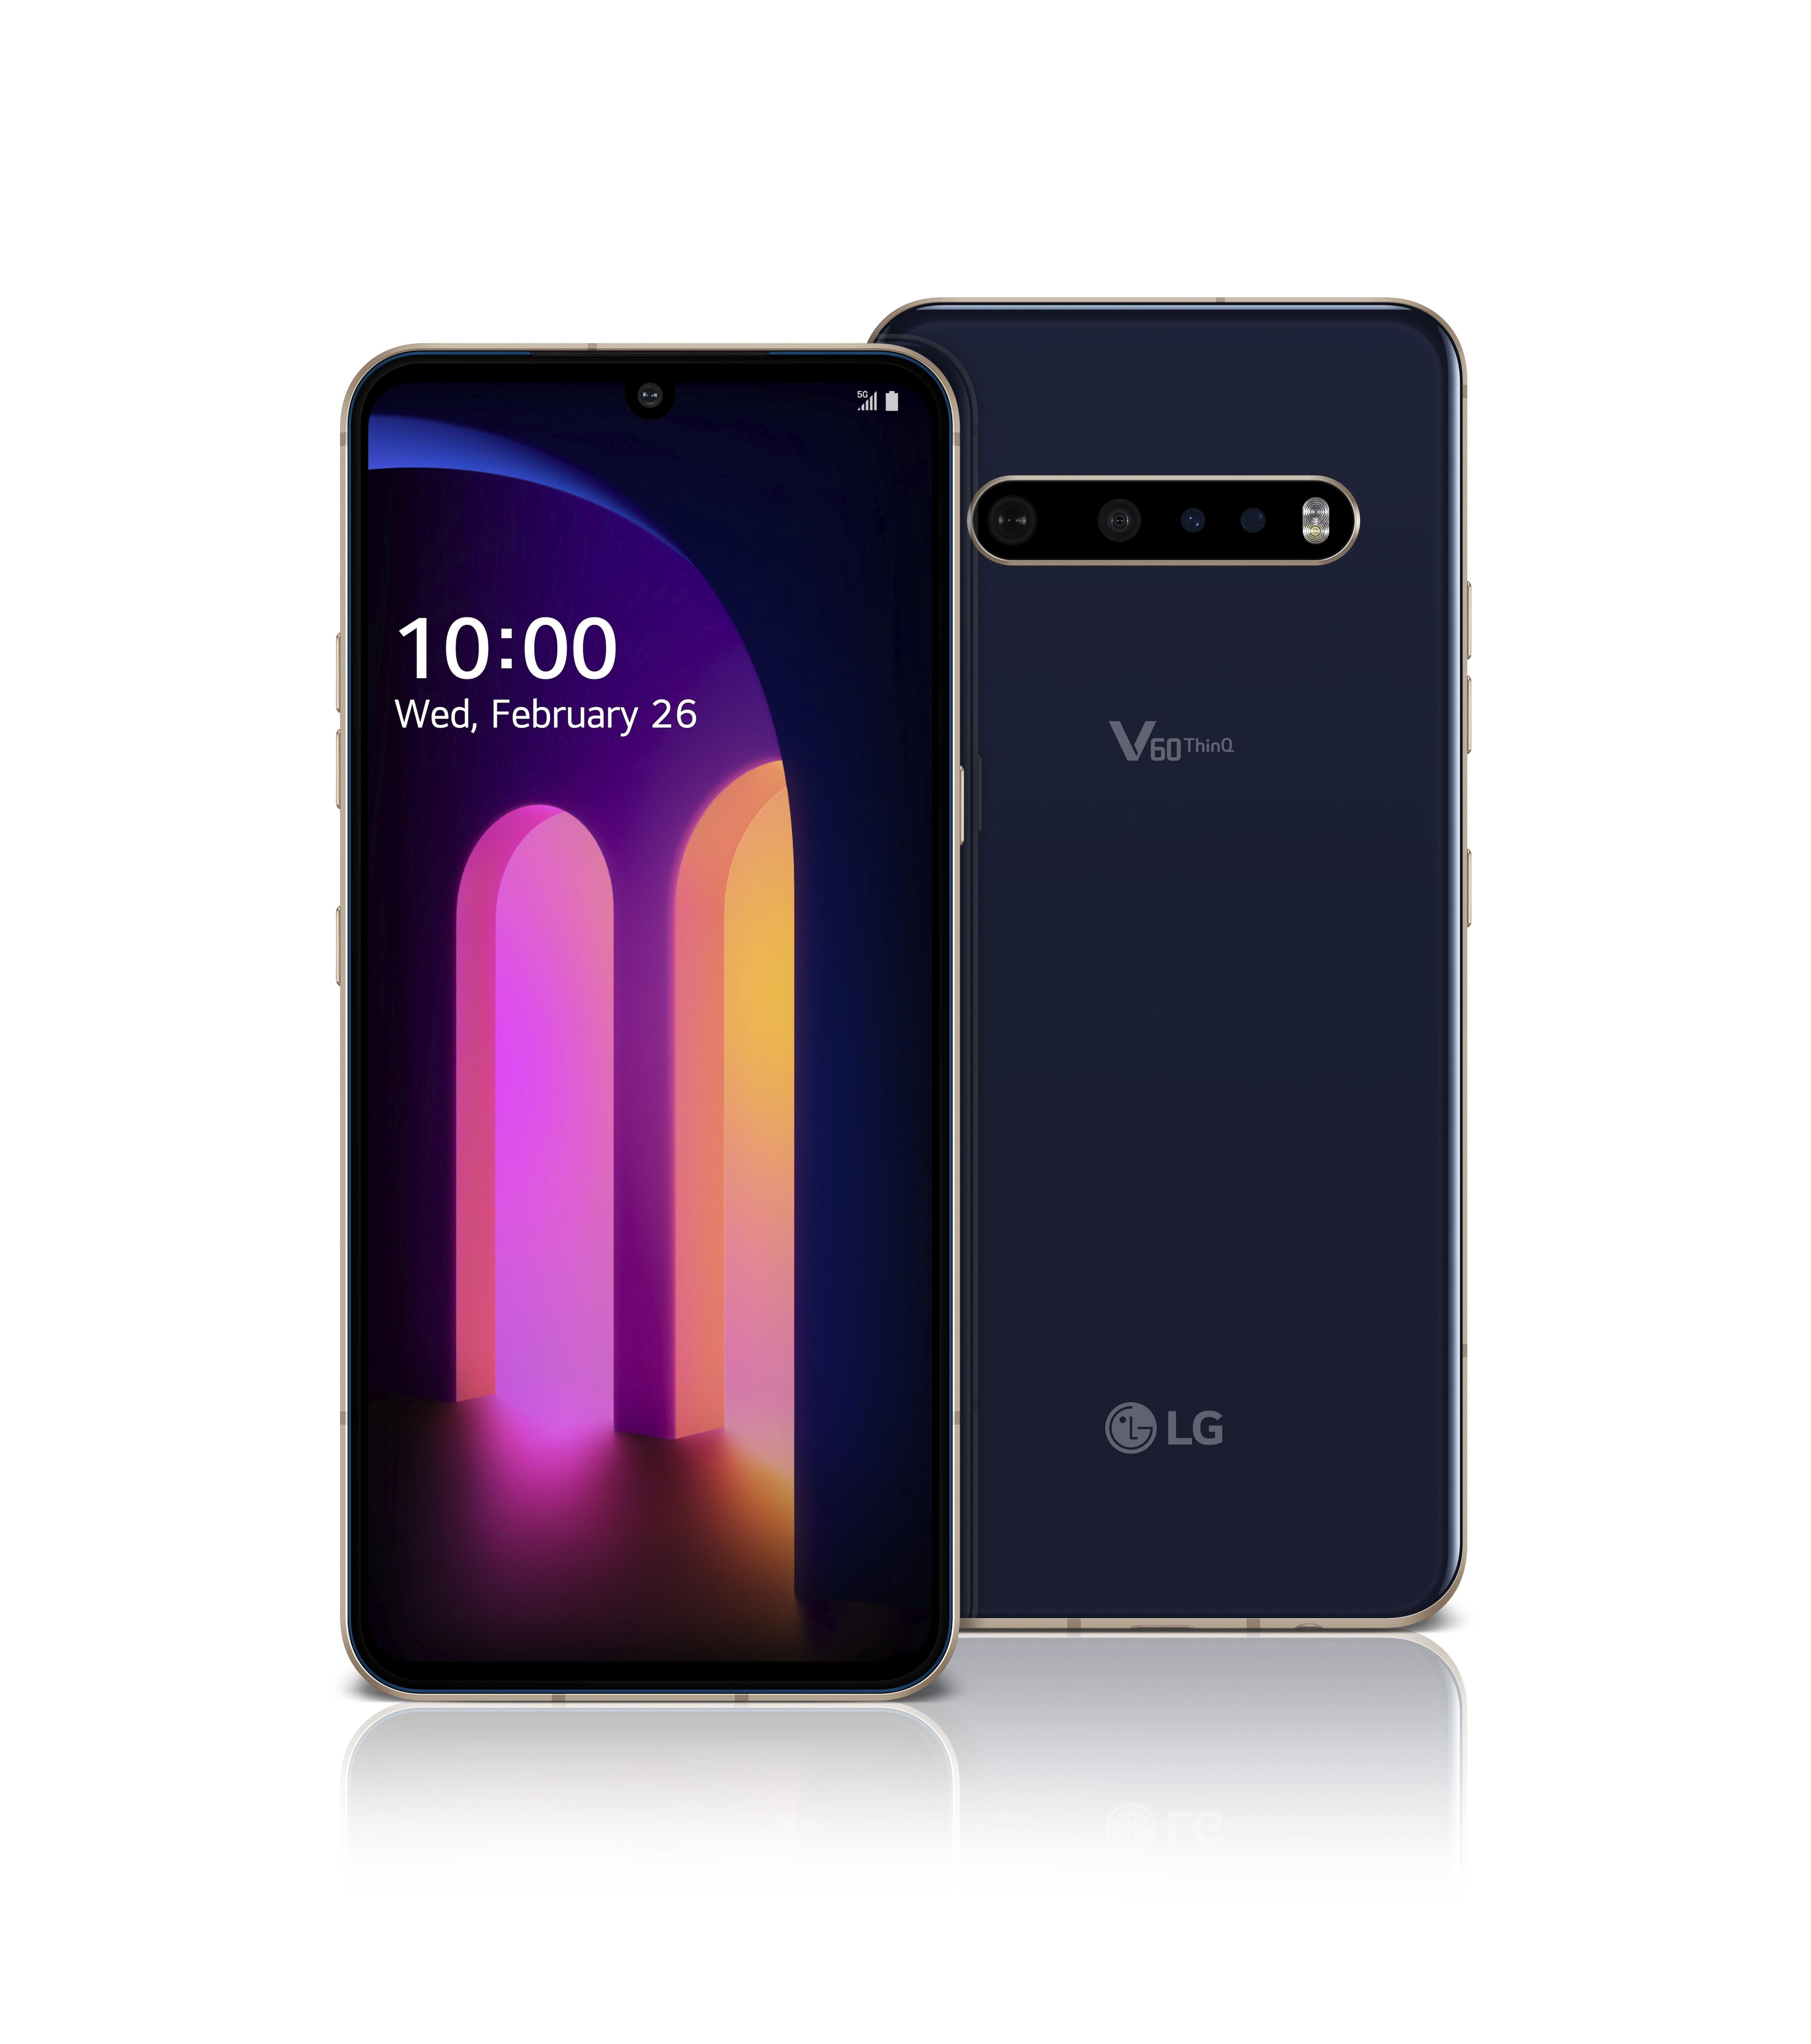 LG V60 ThinQ 5G (2)